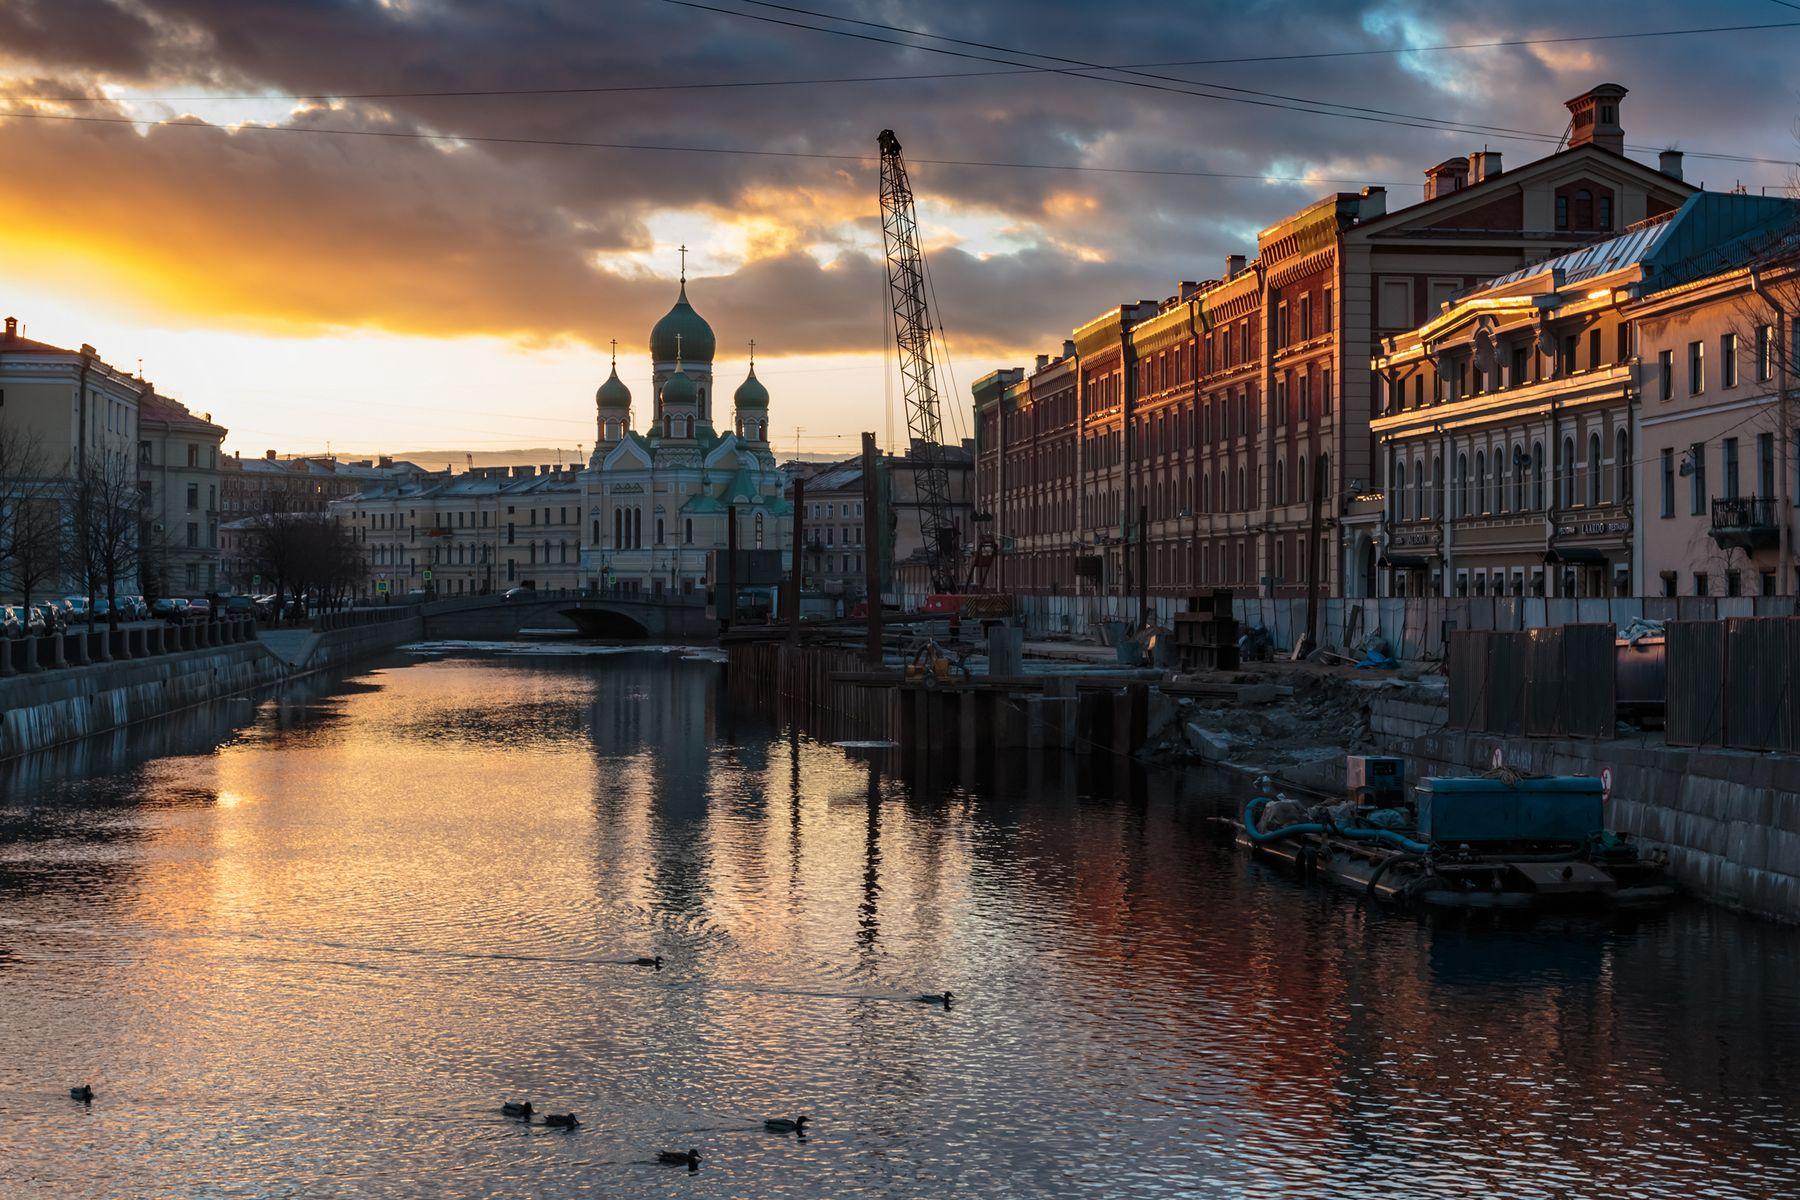 Вечерние утки Екатерининского канала Санкт-Петербург вечер вода канал река утки церковь